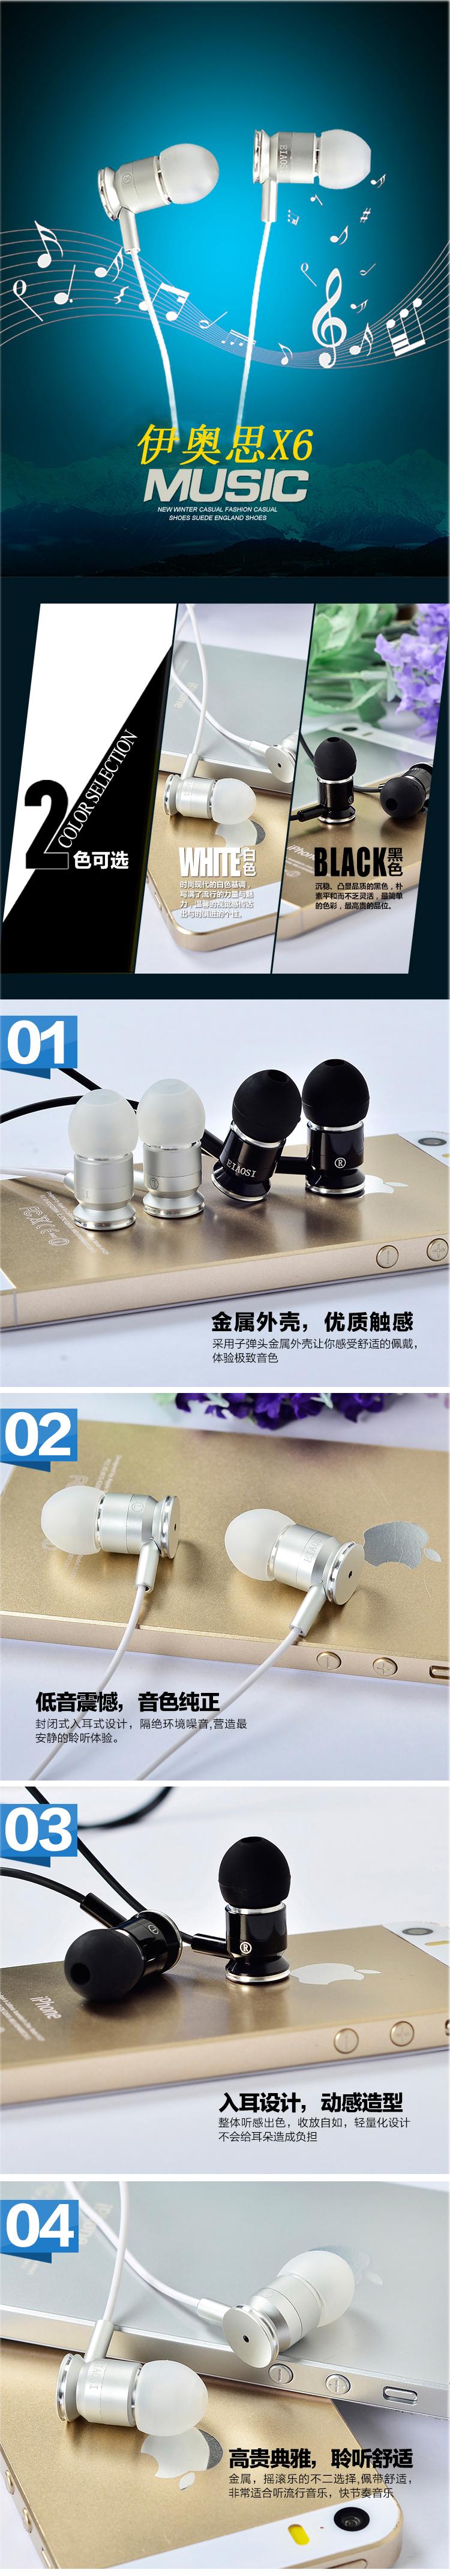 重低音耳塞耳机 通用 MP3 金属入耳式耳机手机电脑 X6 伊奥思 EIAOSI